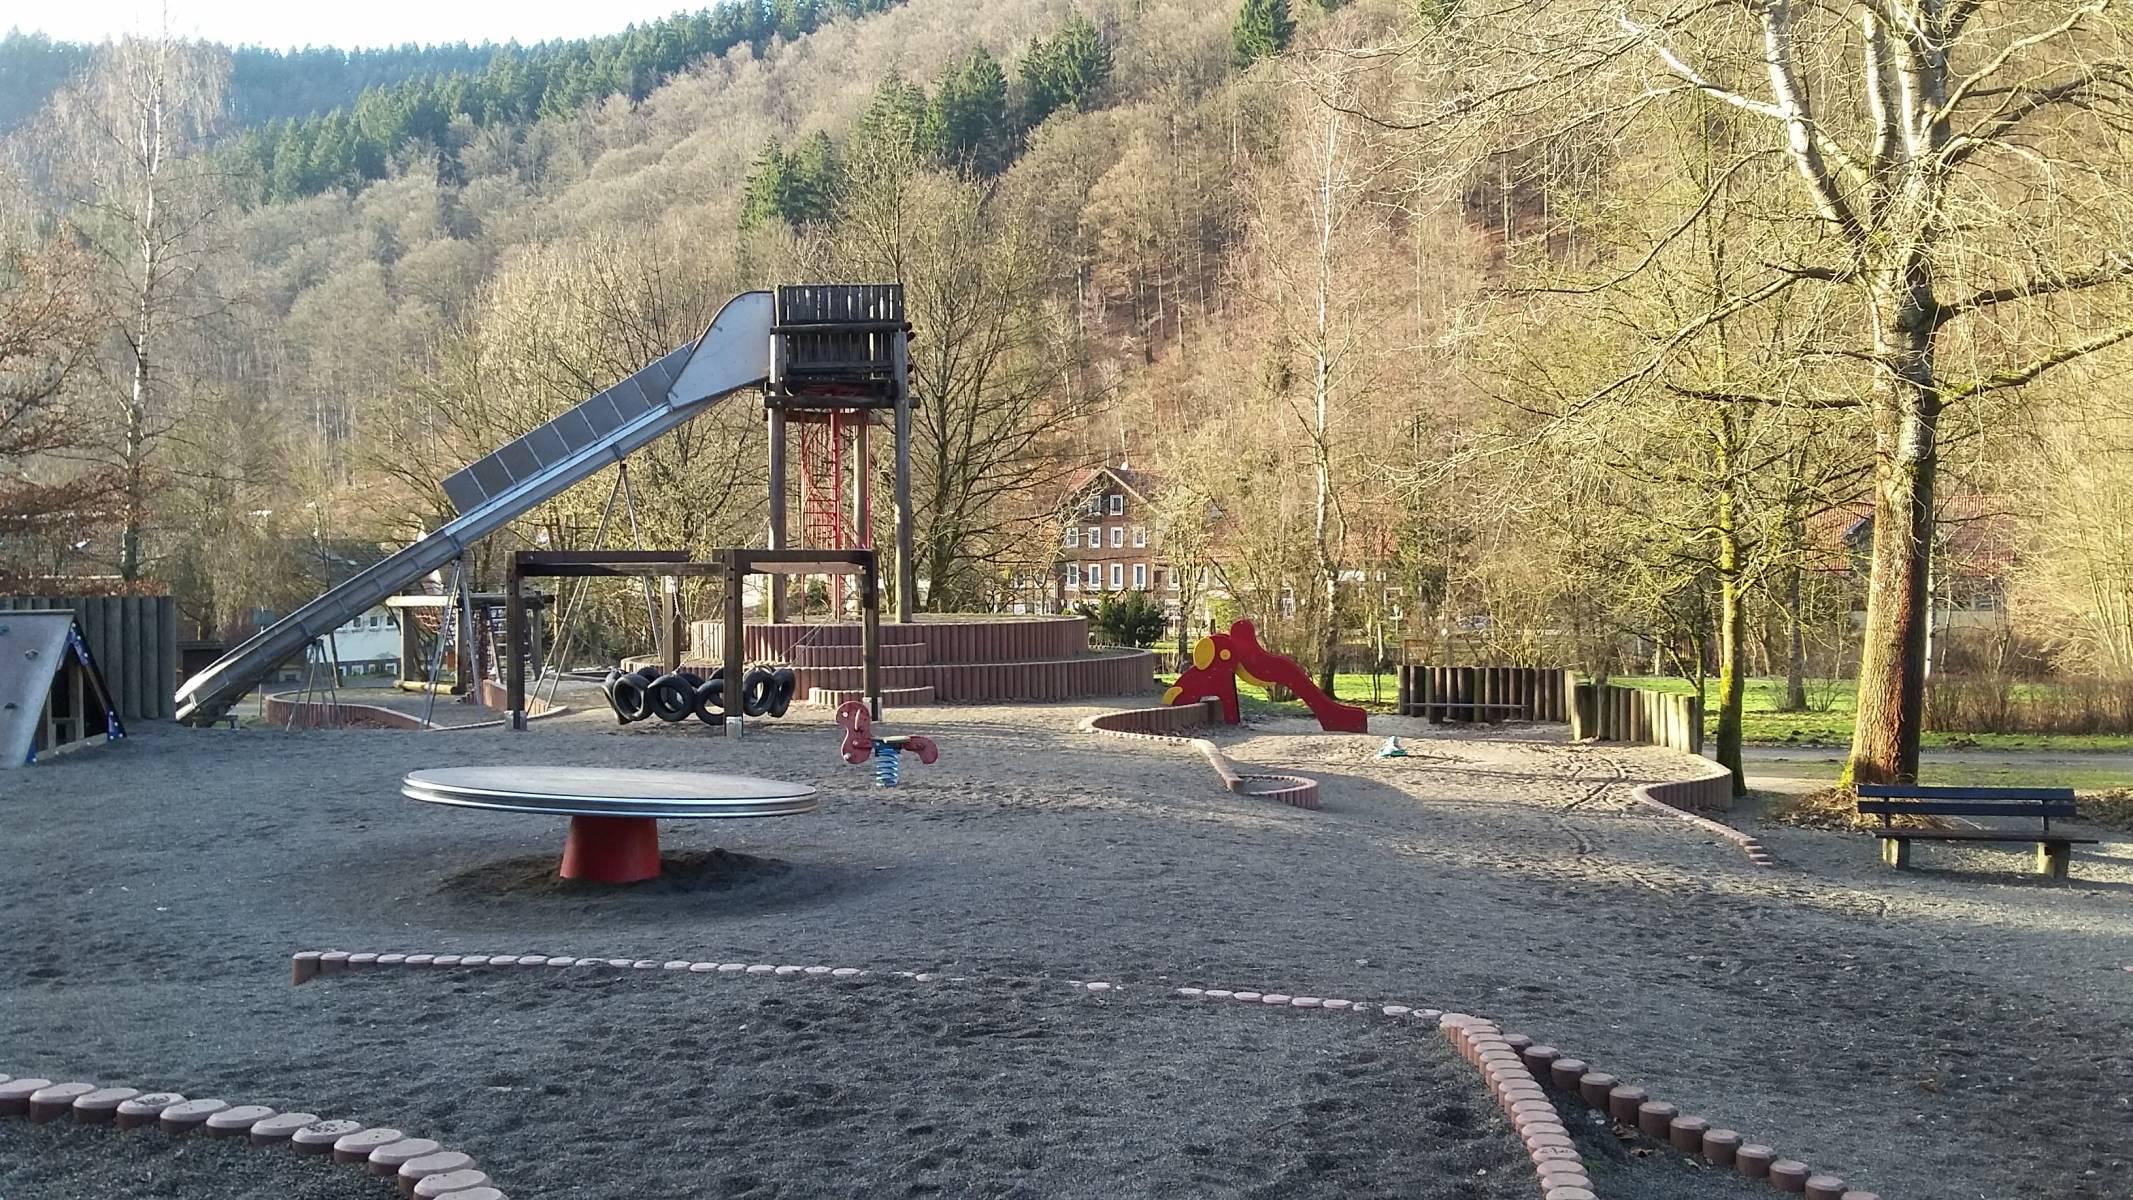 Sieber - Abenteuer Spielplatz